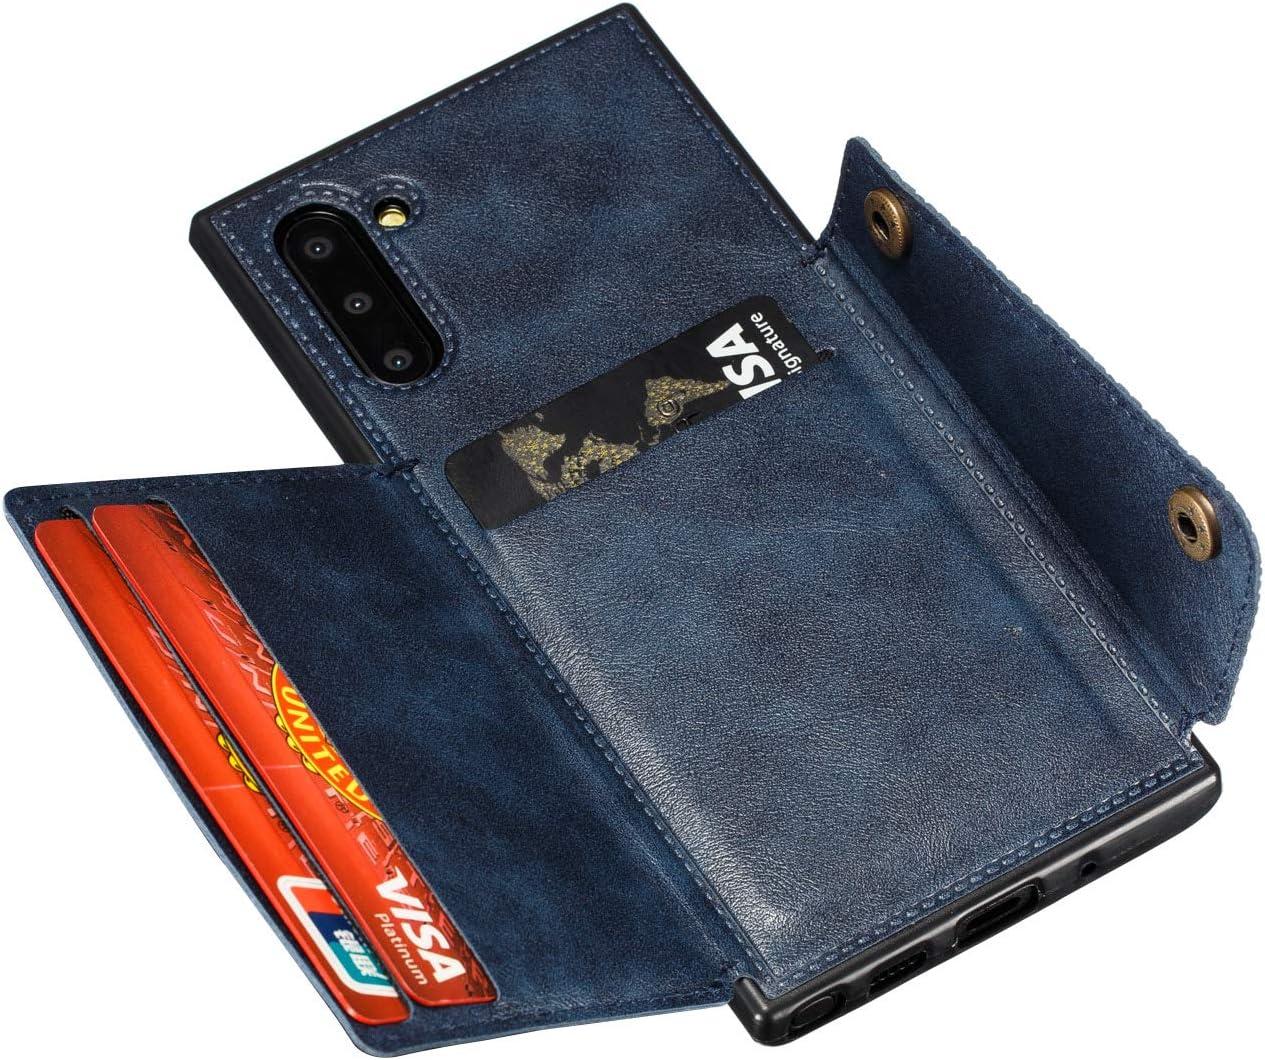 Shinyzone Etui pour Samsung Galaxy Note 10,Coque Housse Portefeuille avec Porte Cartes,Clapet Folio /Étui Arri/ère en Cuir /à Rabat pour Femme Homme ,Gris Support de Voiture Magn/étique